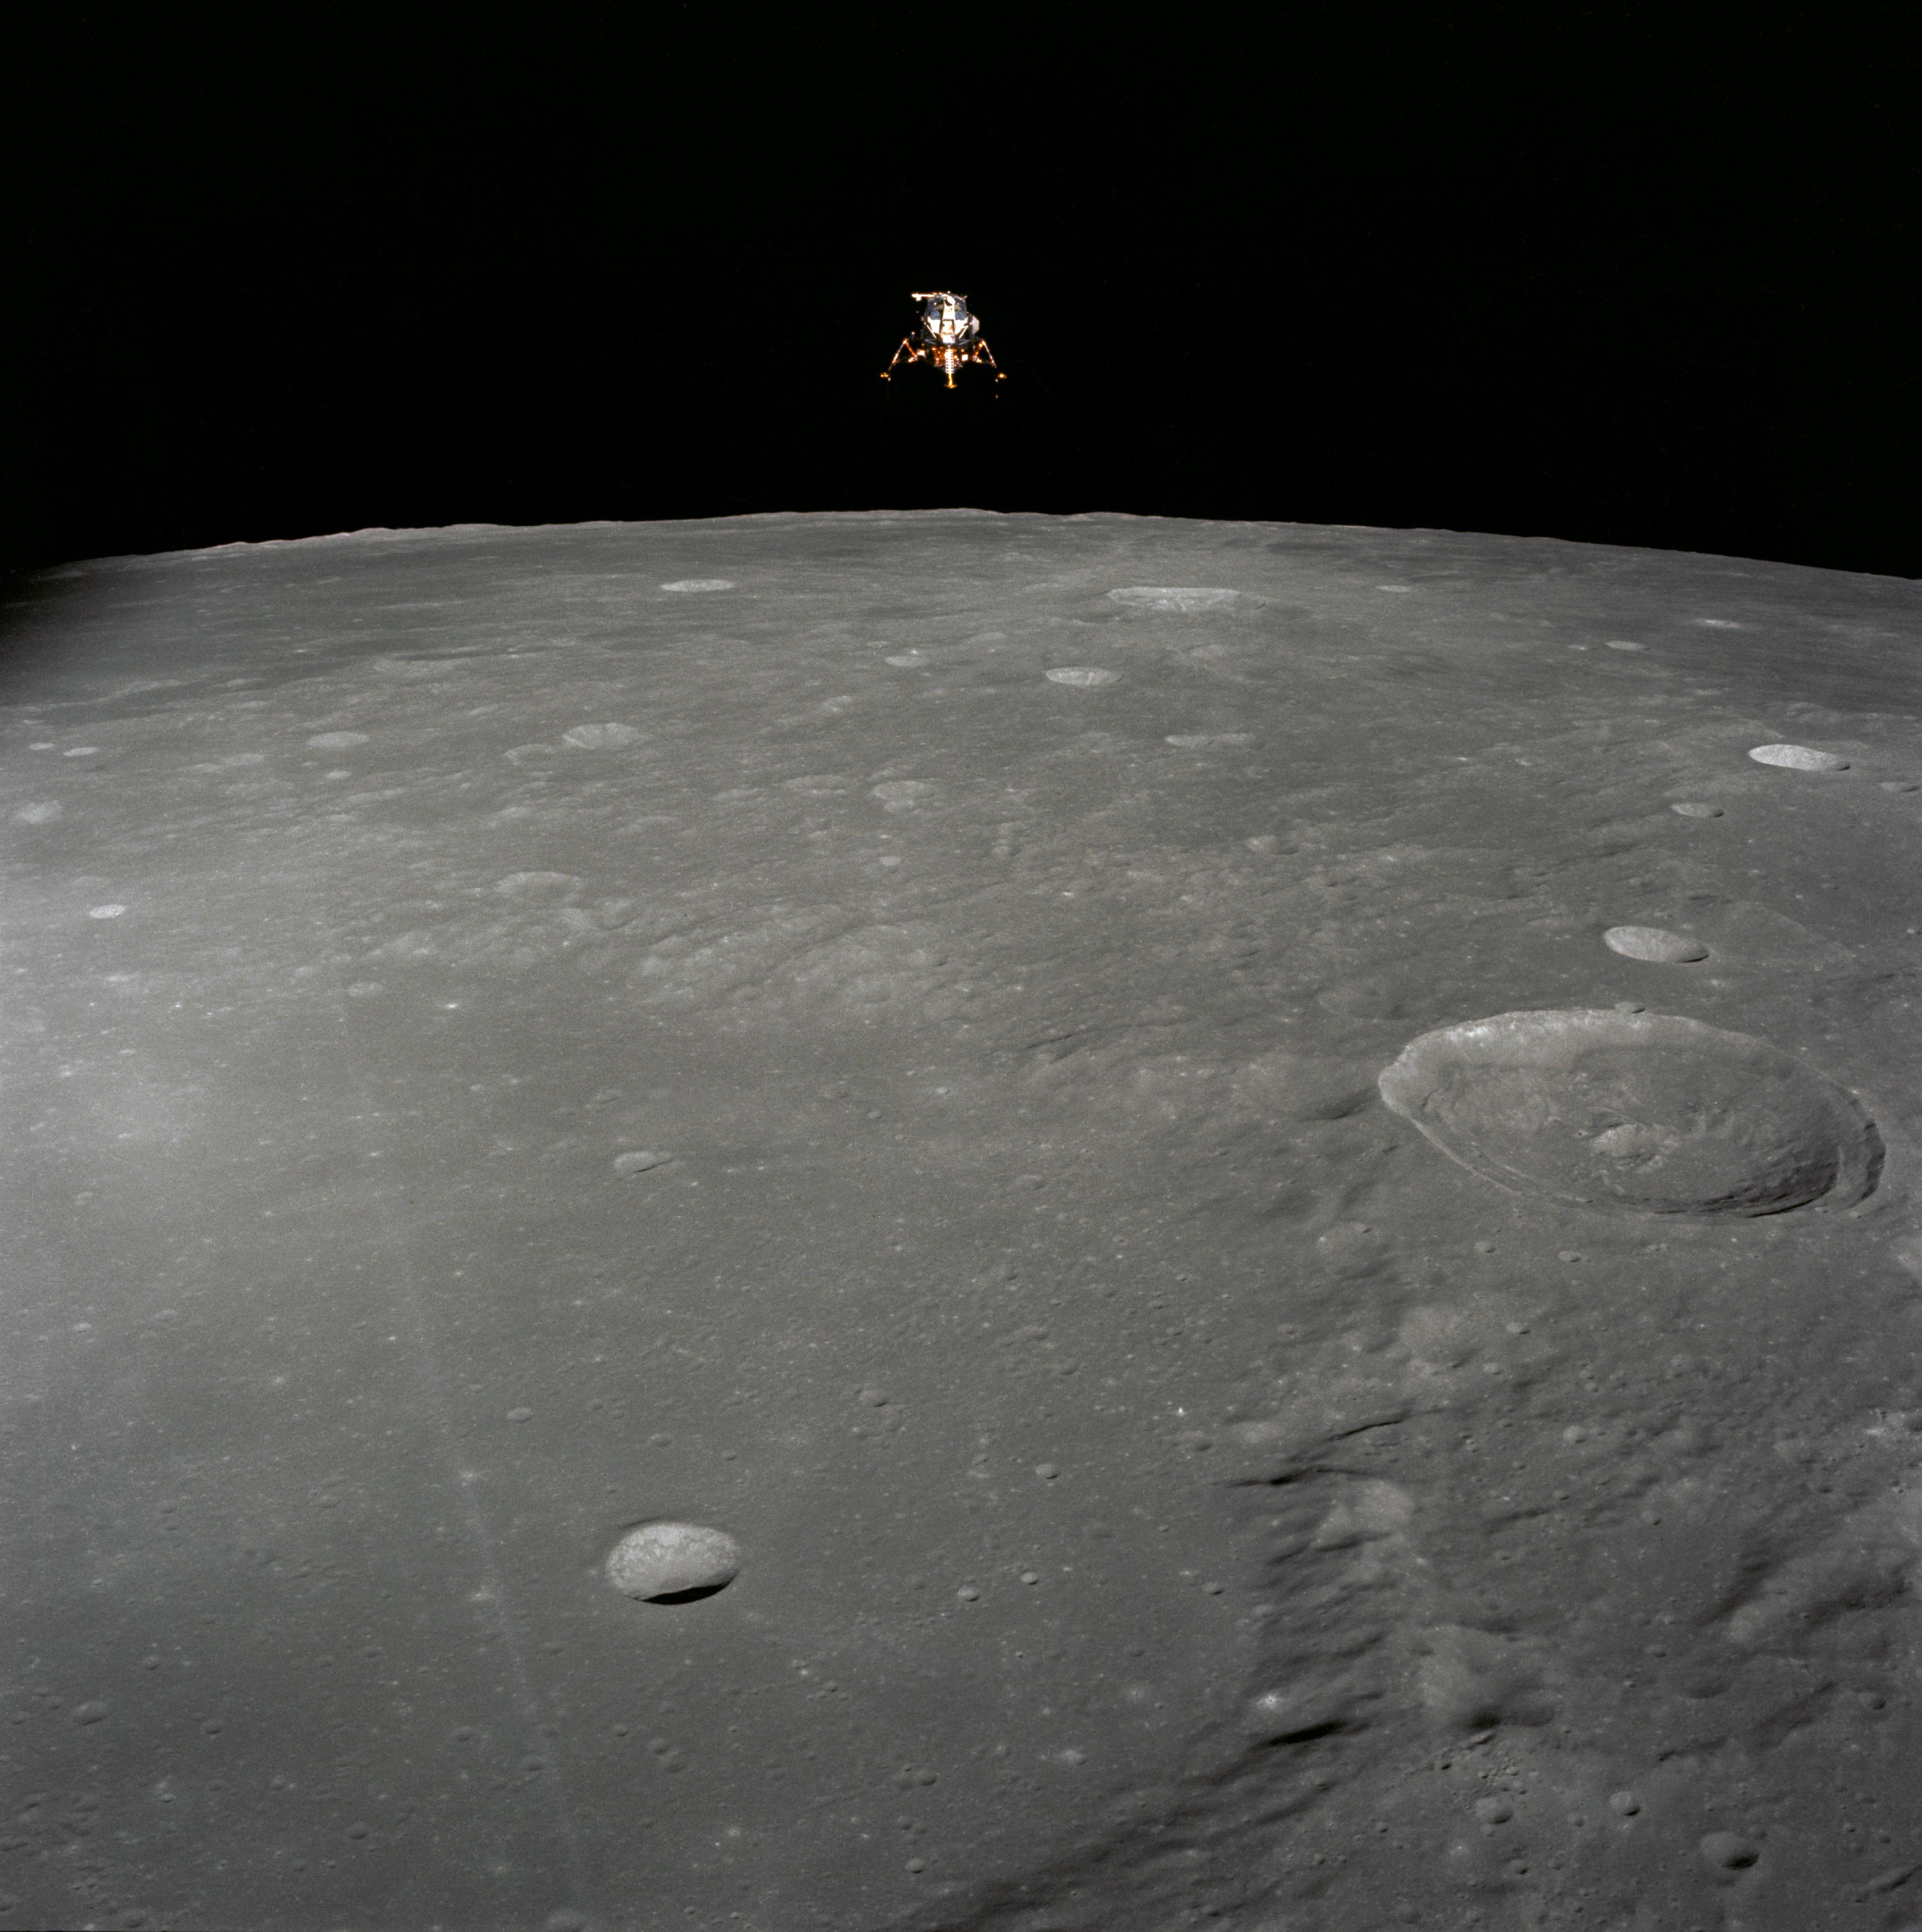 nasa apollo 1969 moon - photo #14